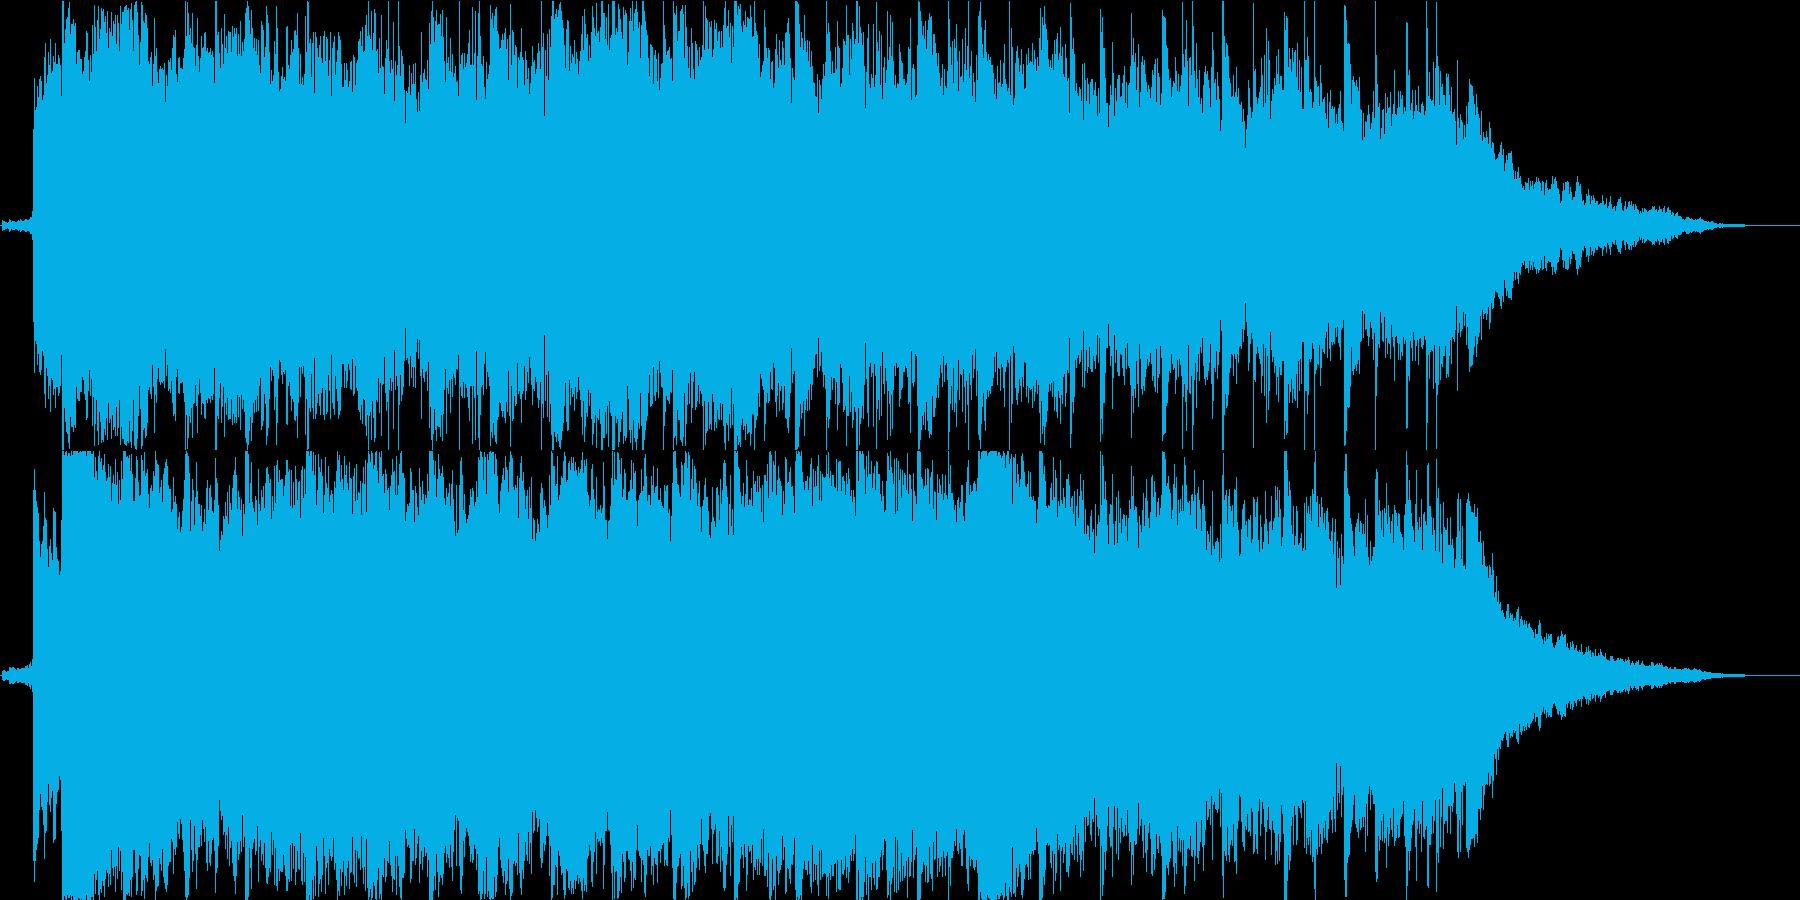 春風のような爽快感のあるピアノBGM の再生済みの波形